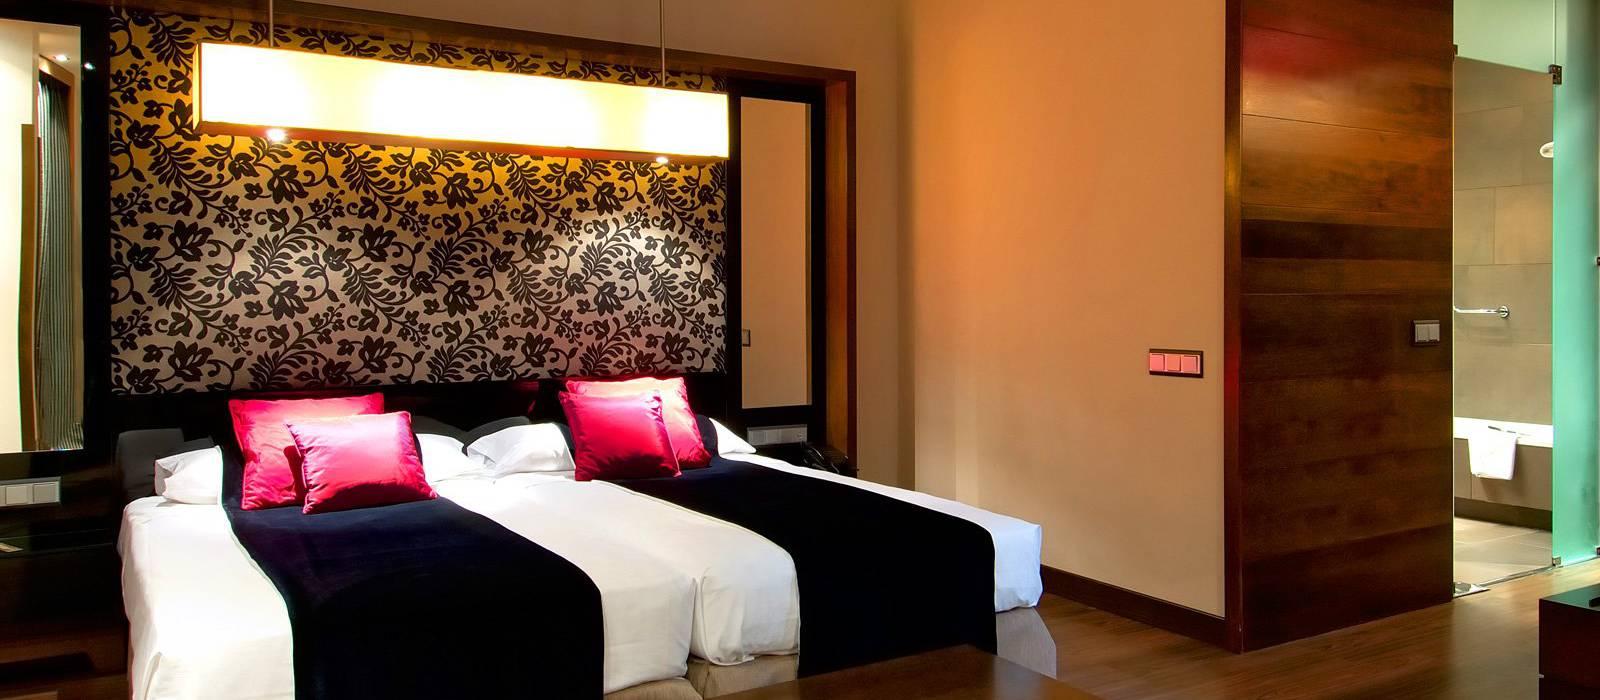 Angebote Soho Hotel Vincci Madrid - 3 Nächte Bleiben und sparen!